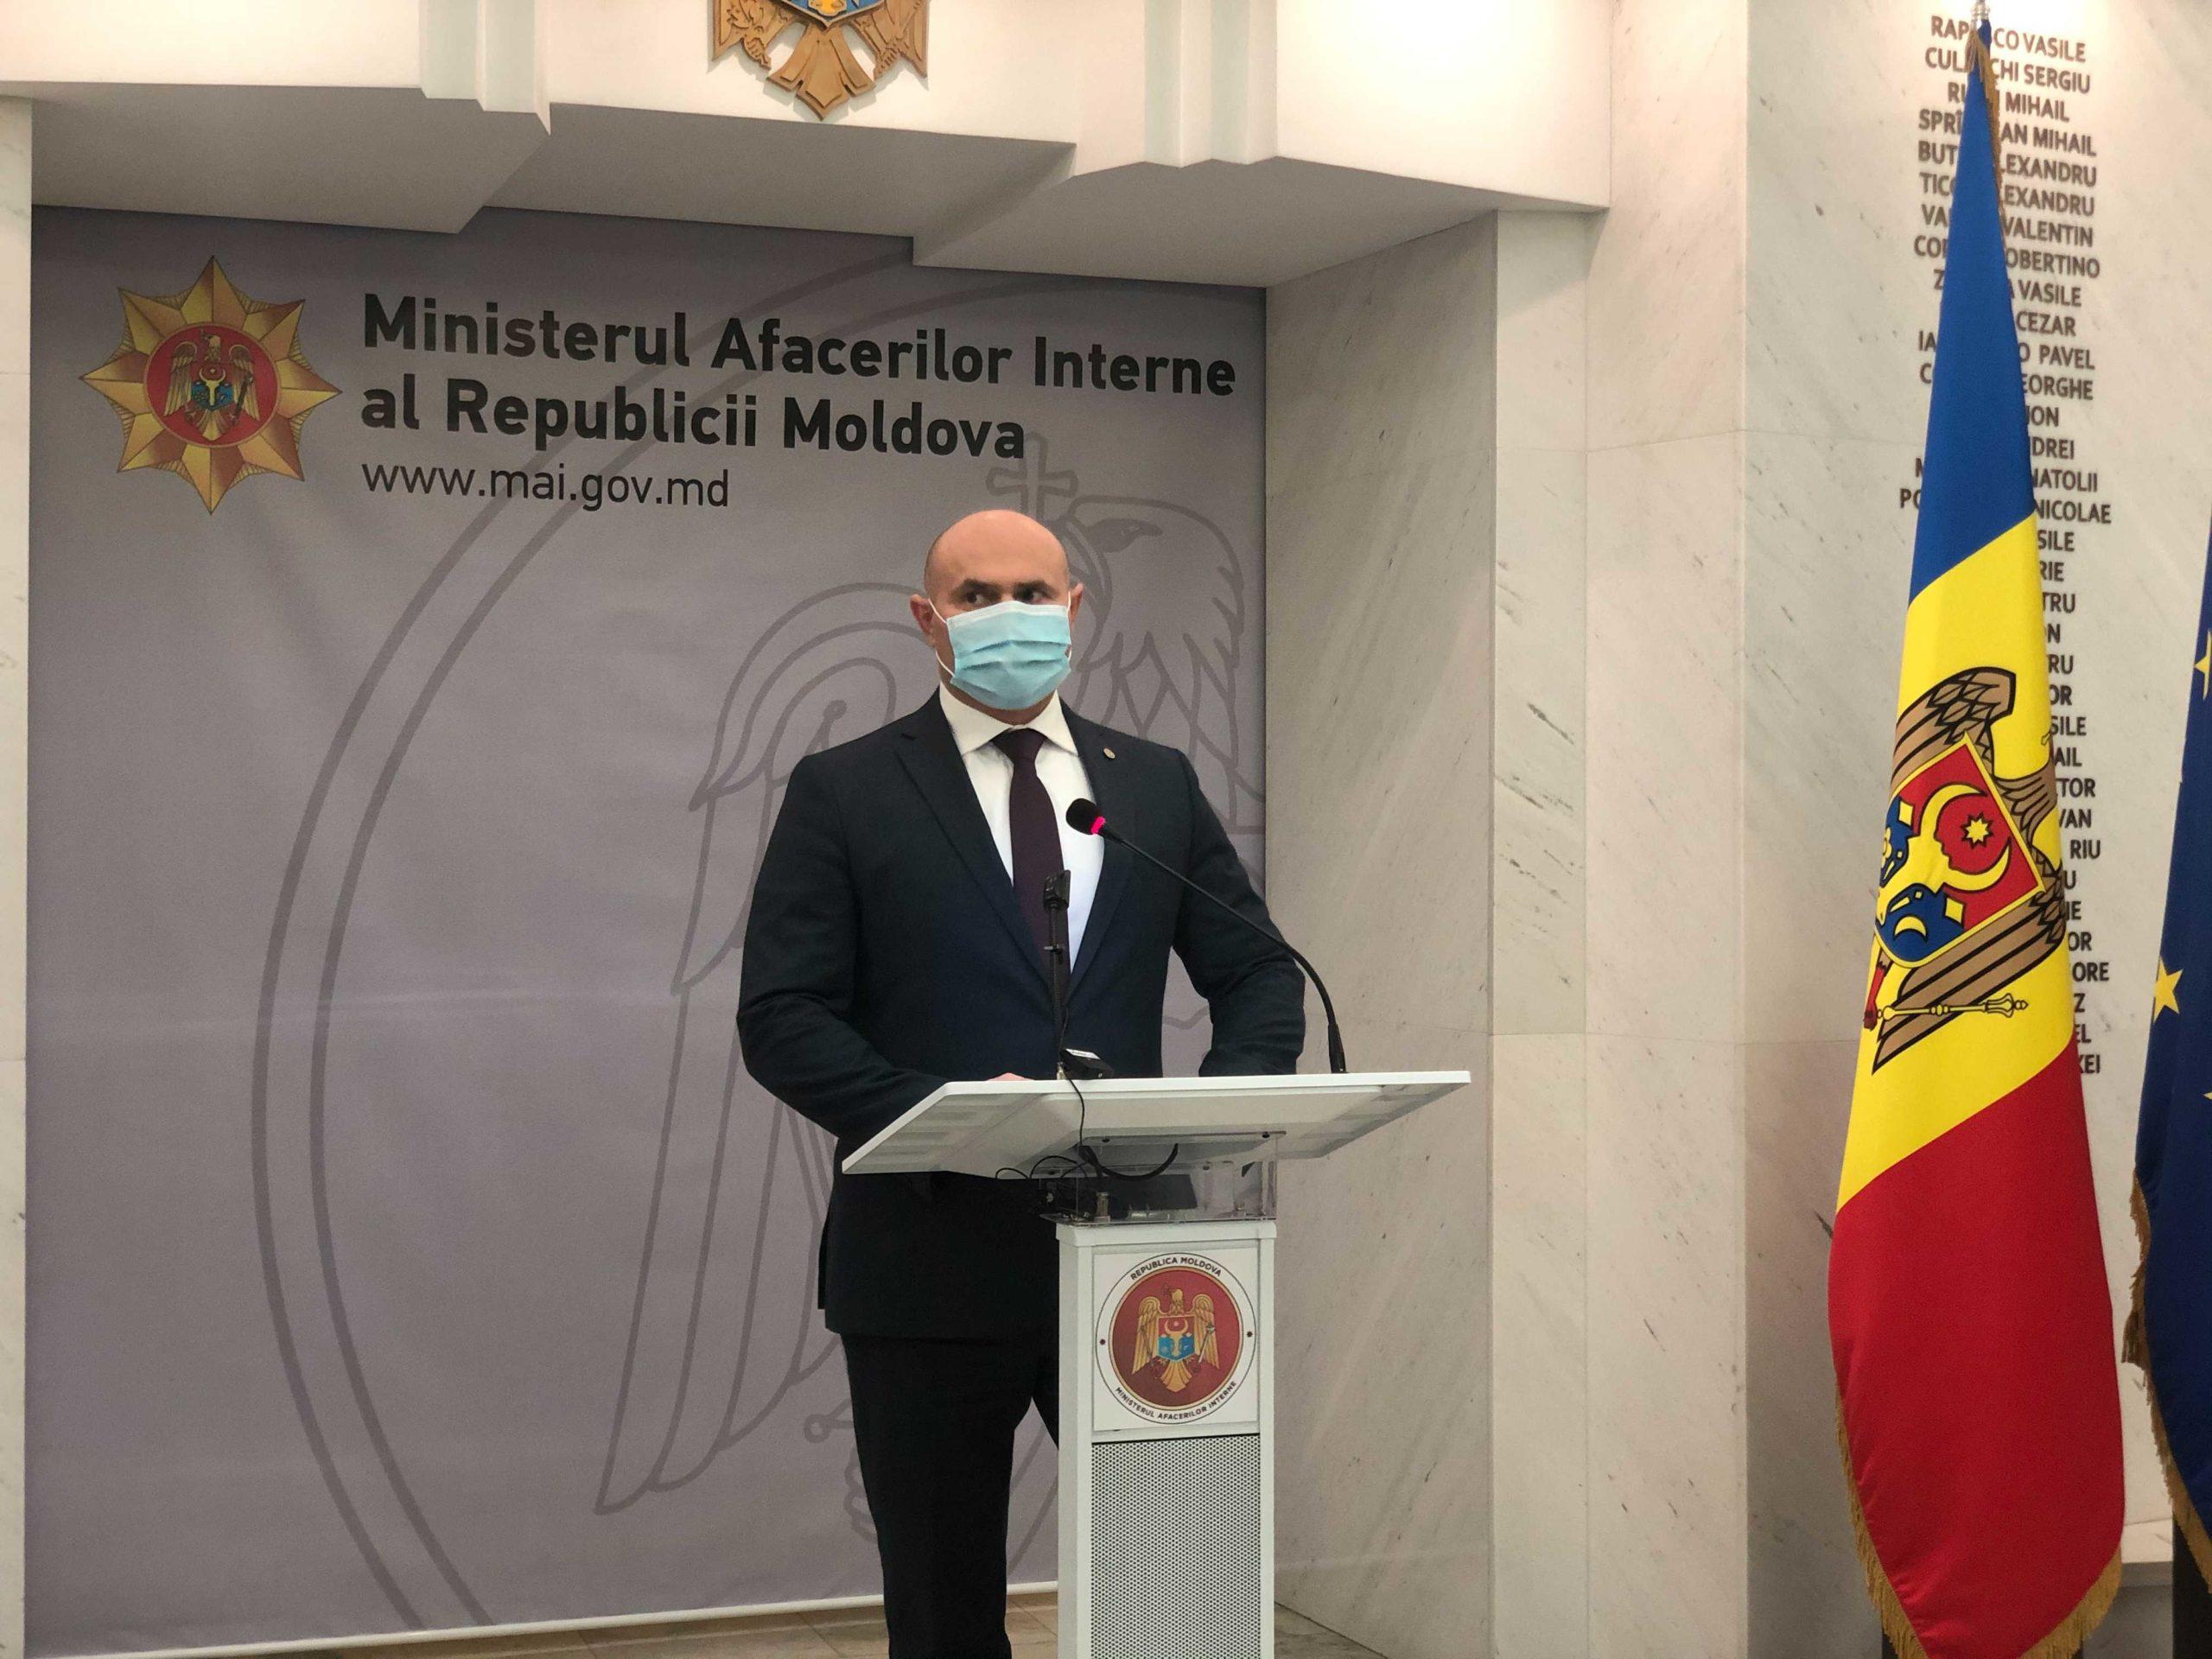 Правая рука Карамалака Жора Бельцкий приехал в Молдову перед выборами. Что он тут делал, и при чем тут Додон?